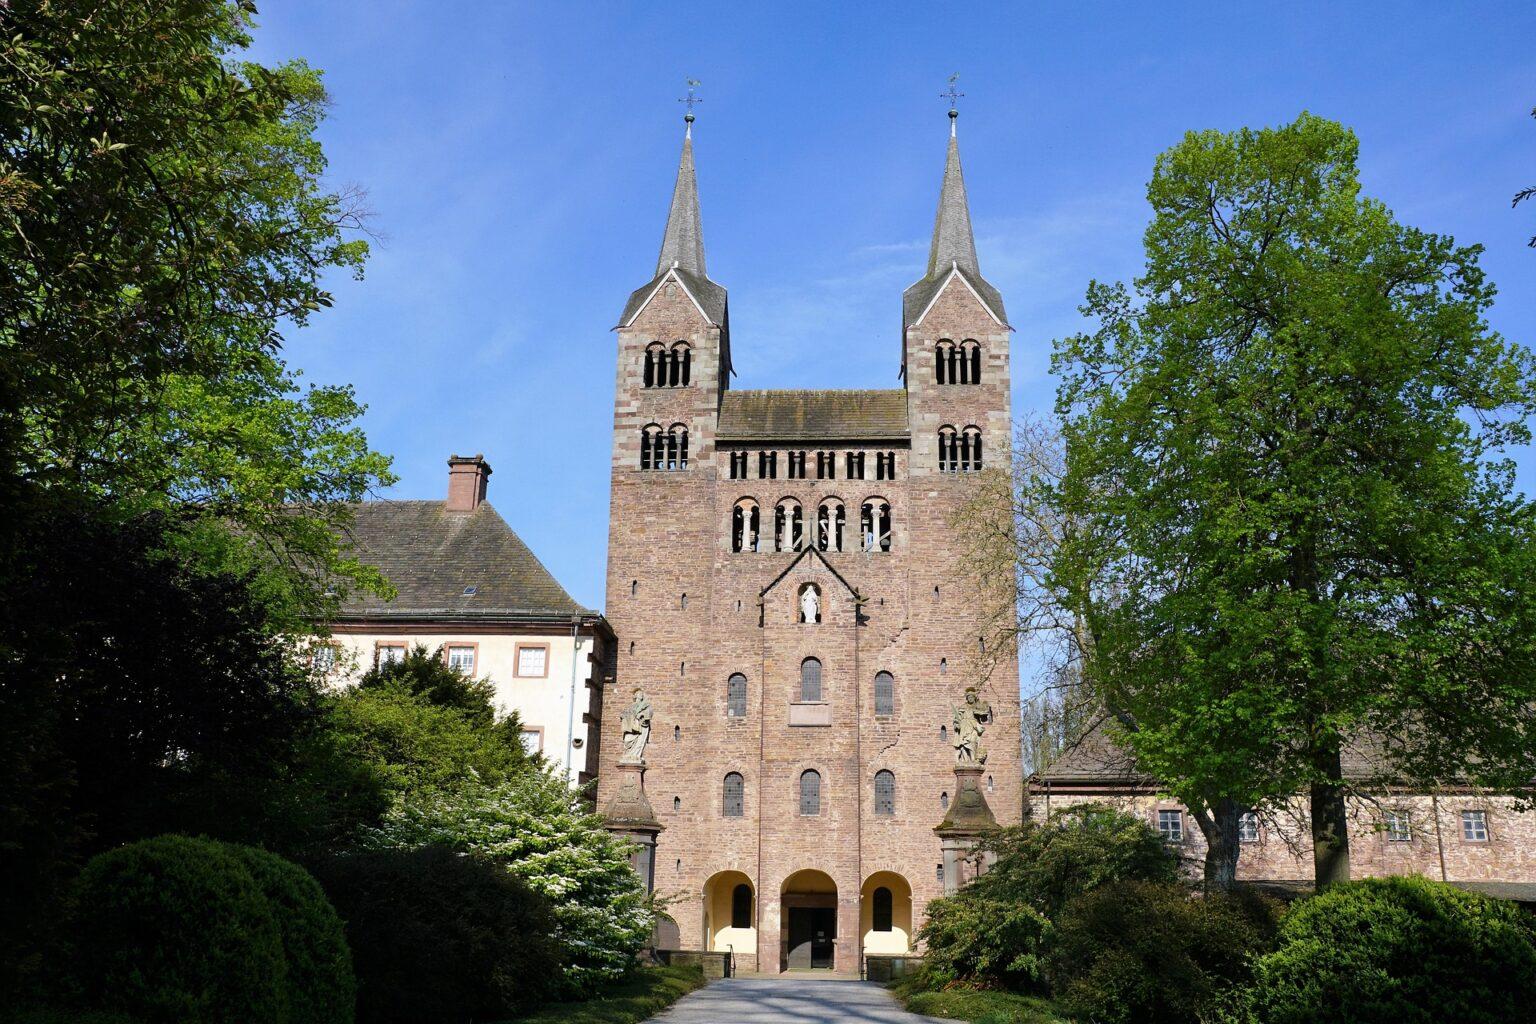 Kirche in Höxter Sehenswürdigkeiten